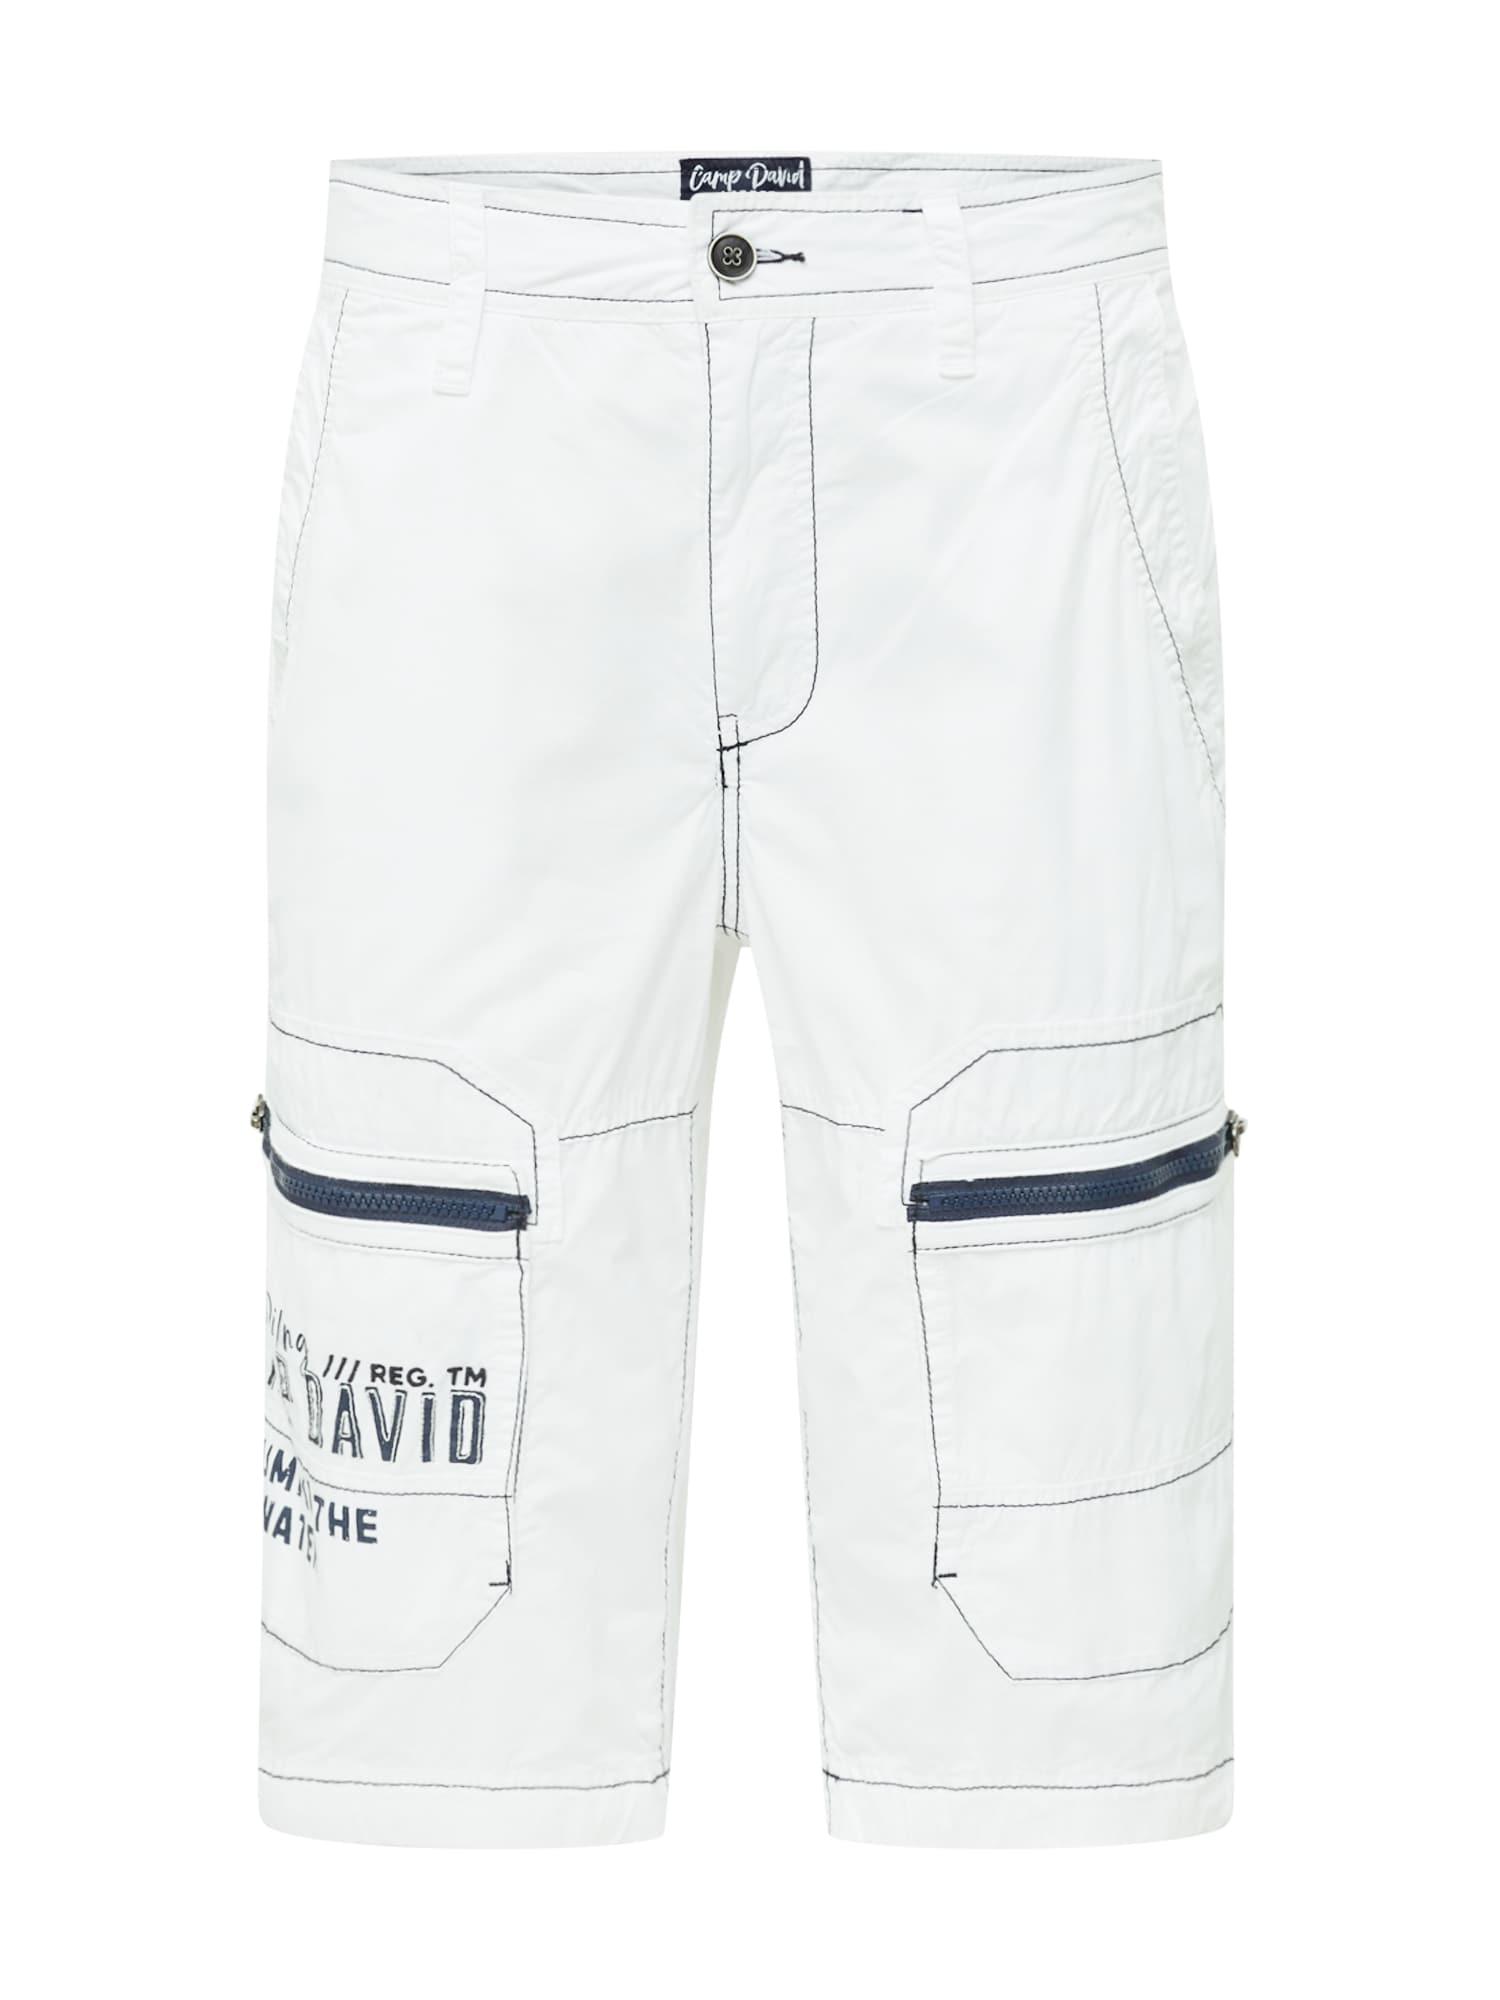 CAMP DAVID Laisvo stiliaus kelnės balta / tamsiai mėlyna